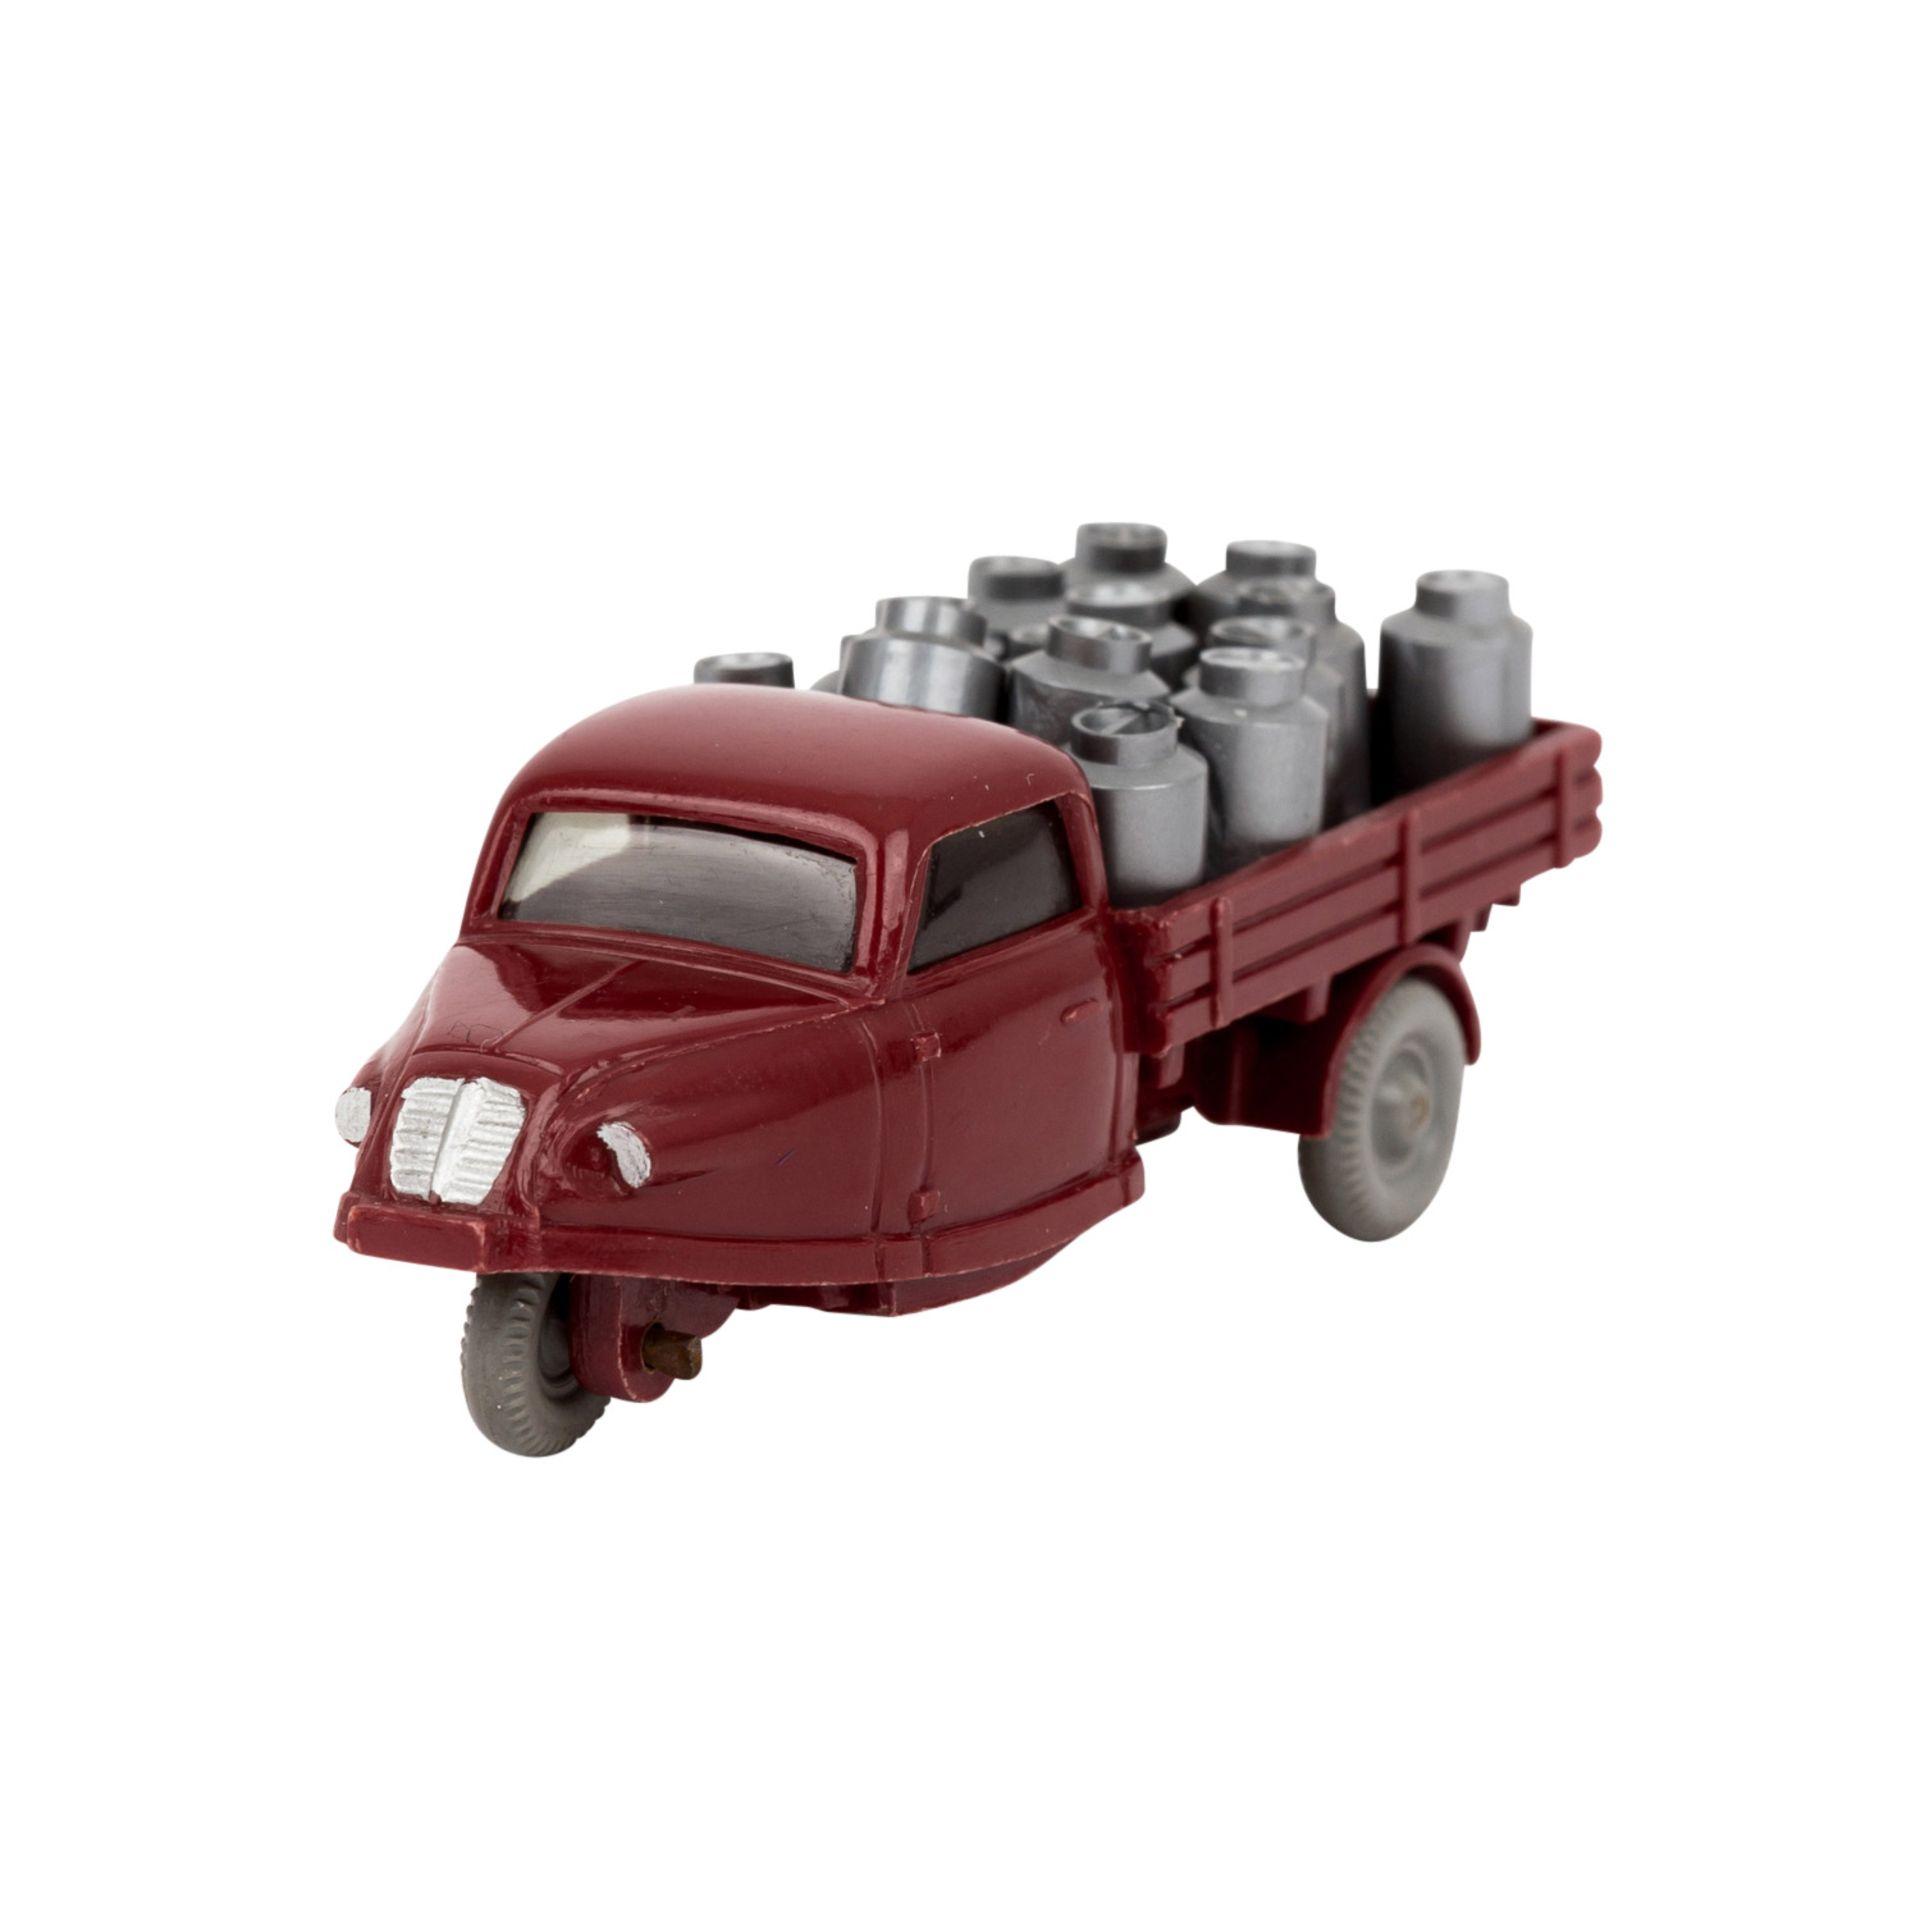 """WIKING Goli-Dreiradwagen 1959-64,weinrote Karosserie, Bodenprägung """"WM"""" , Grill, Sche"""